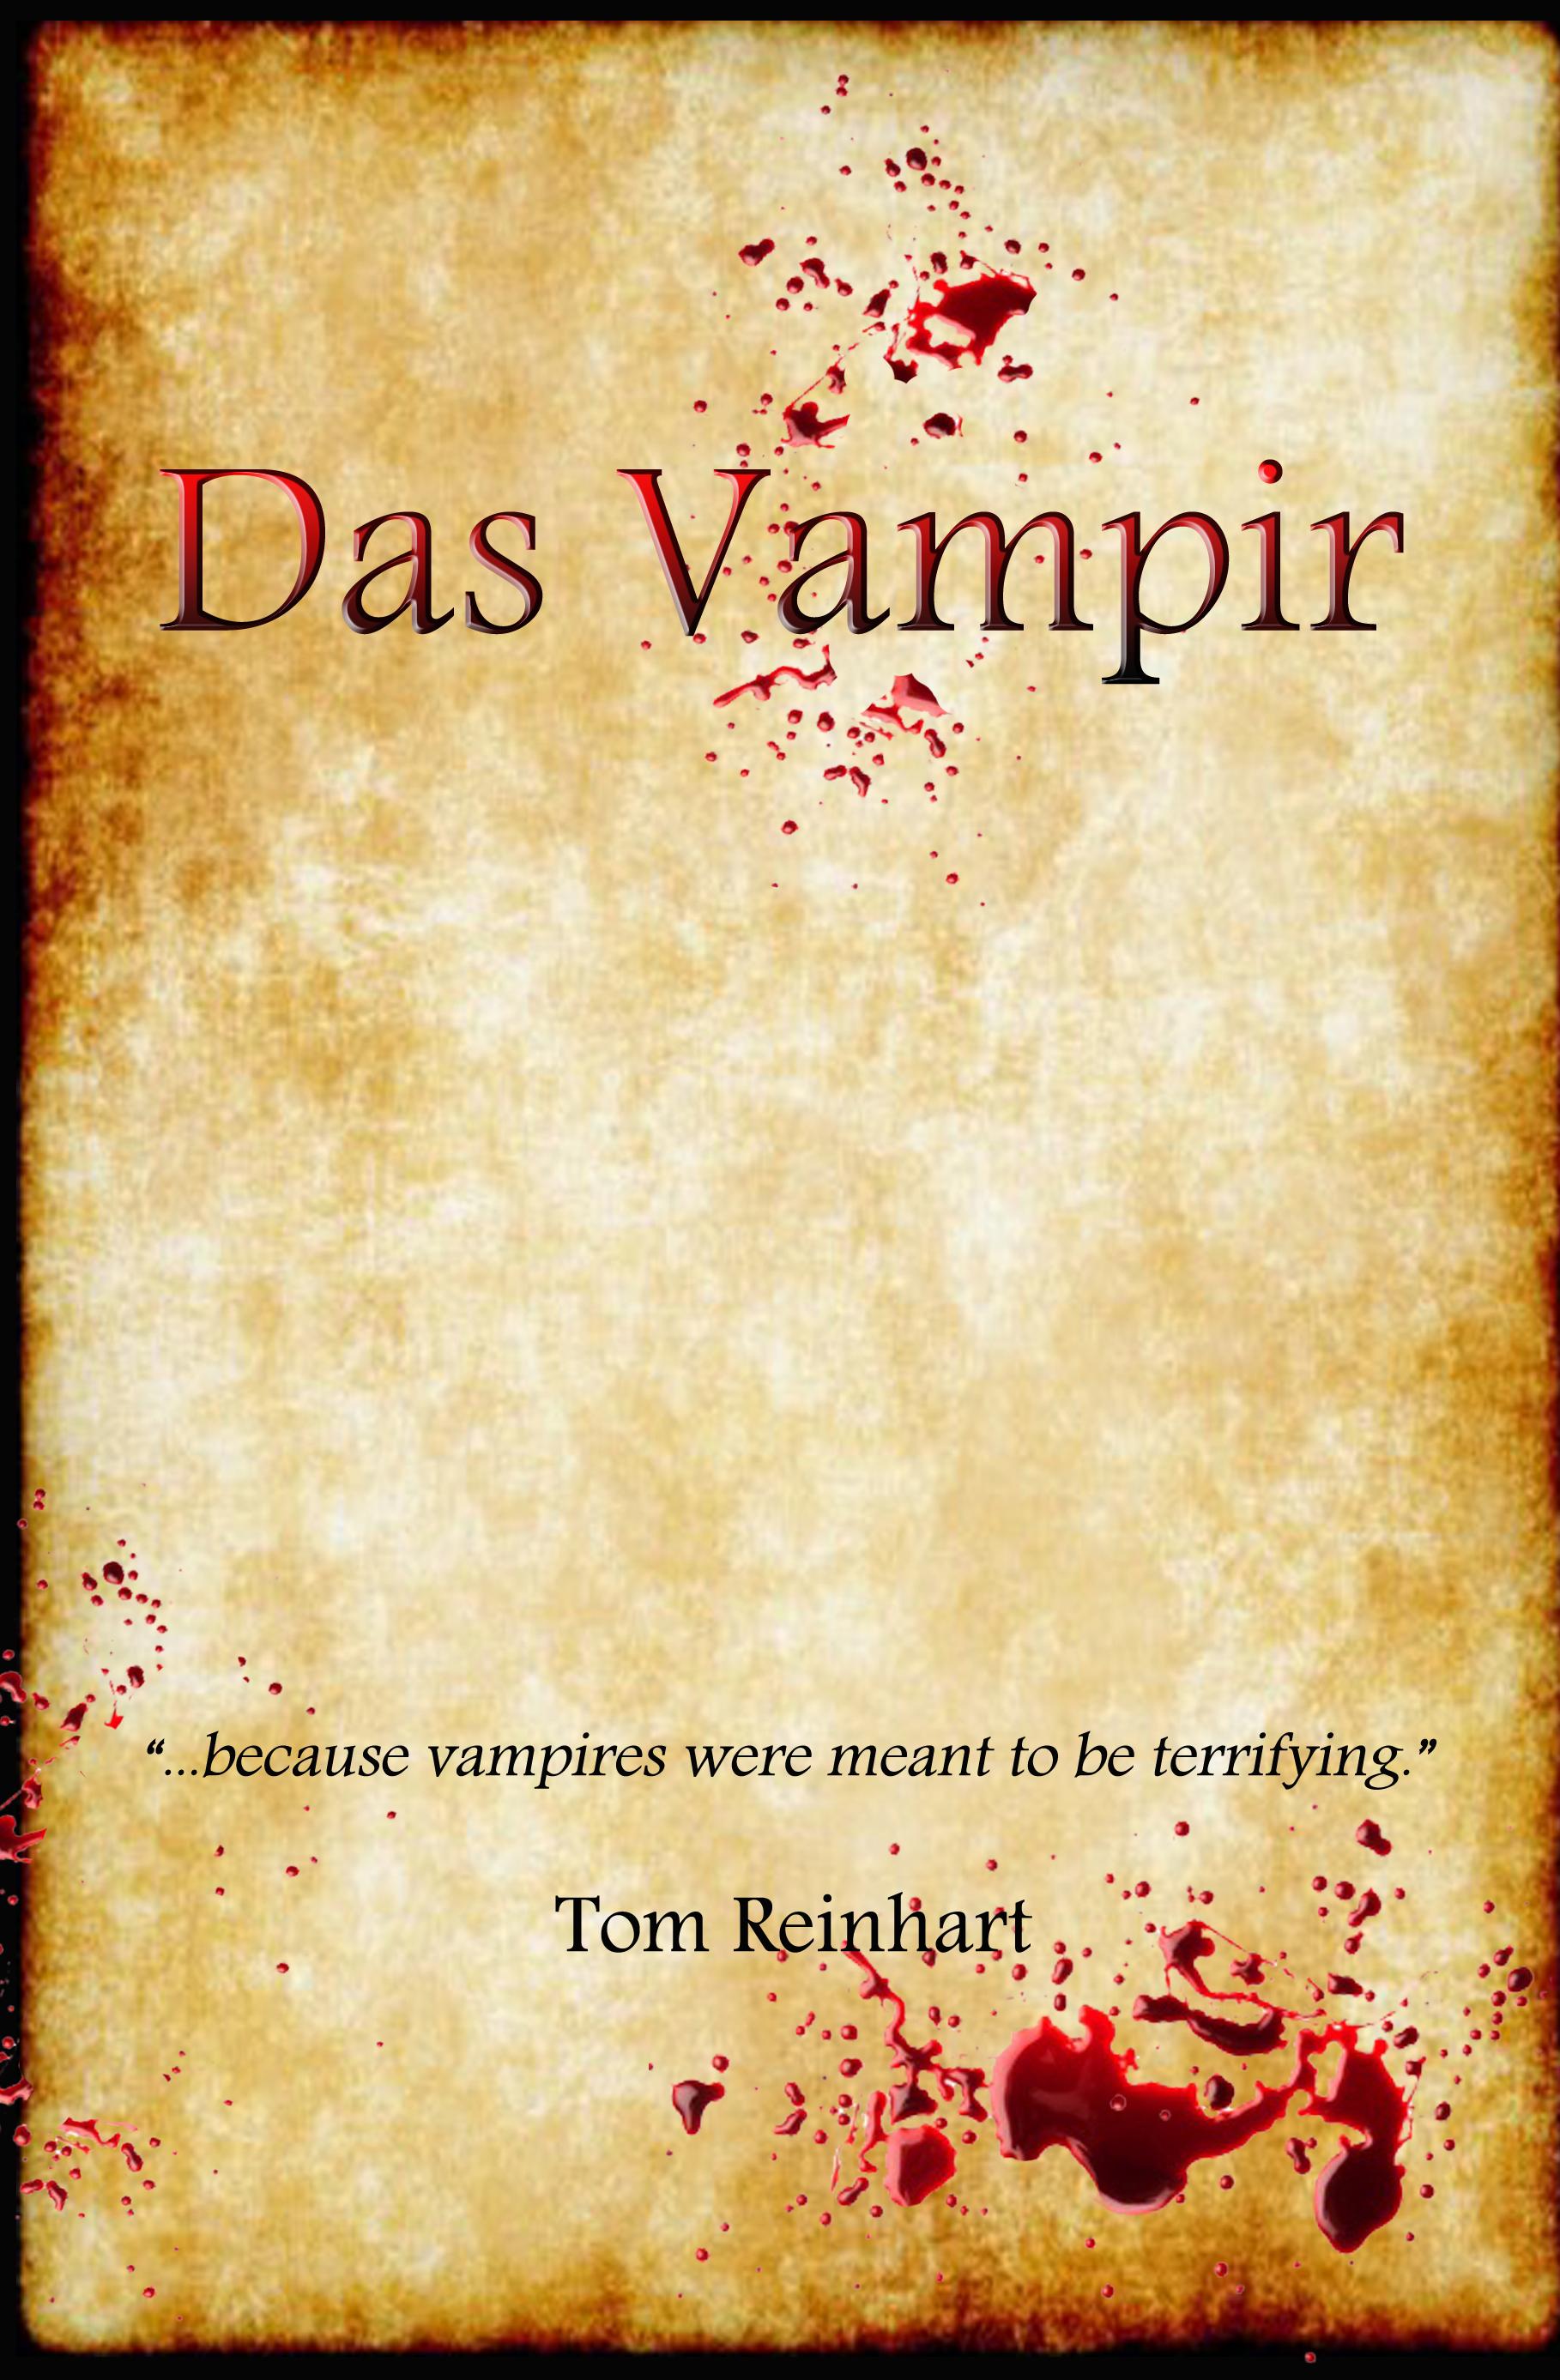 Das Vampir1